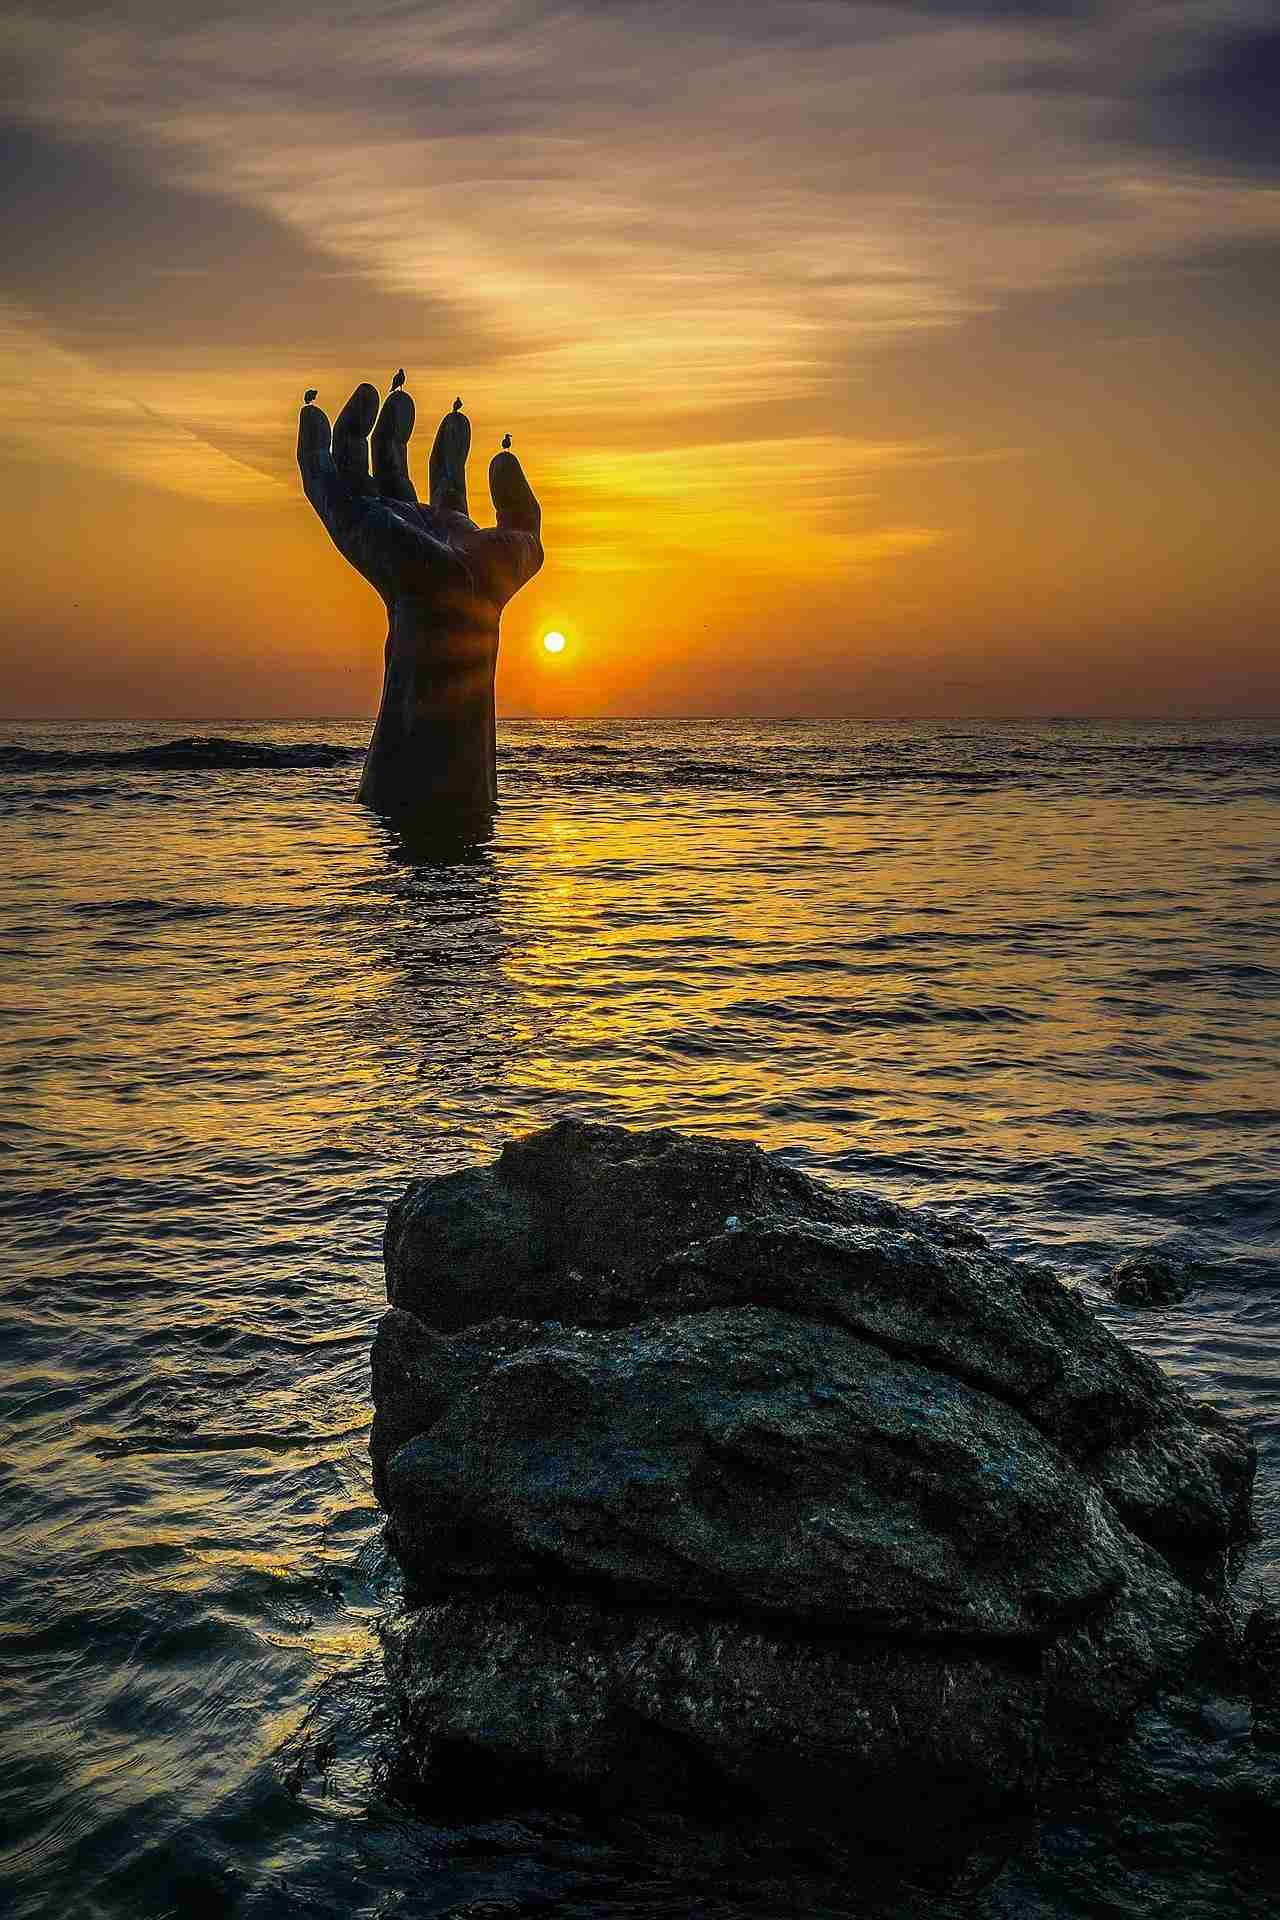 【閲覧注意】海の怖い画像集